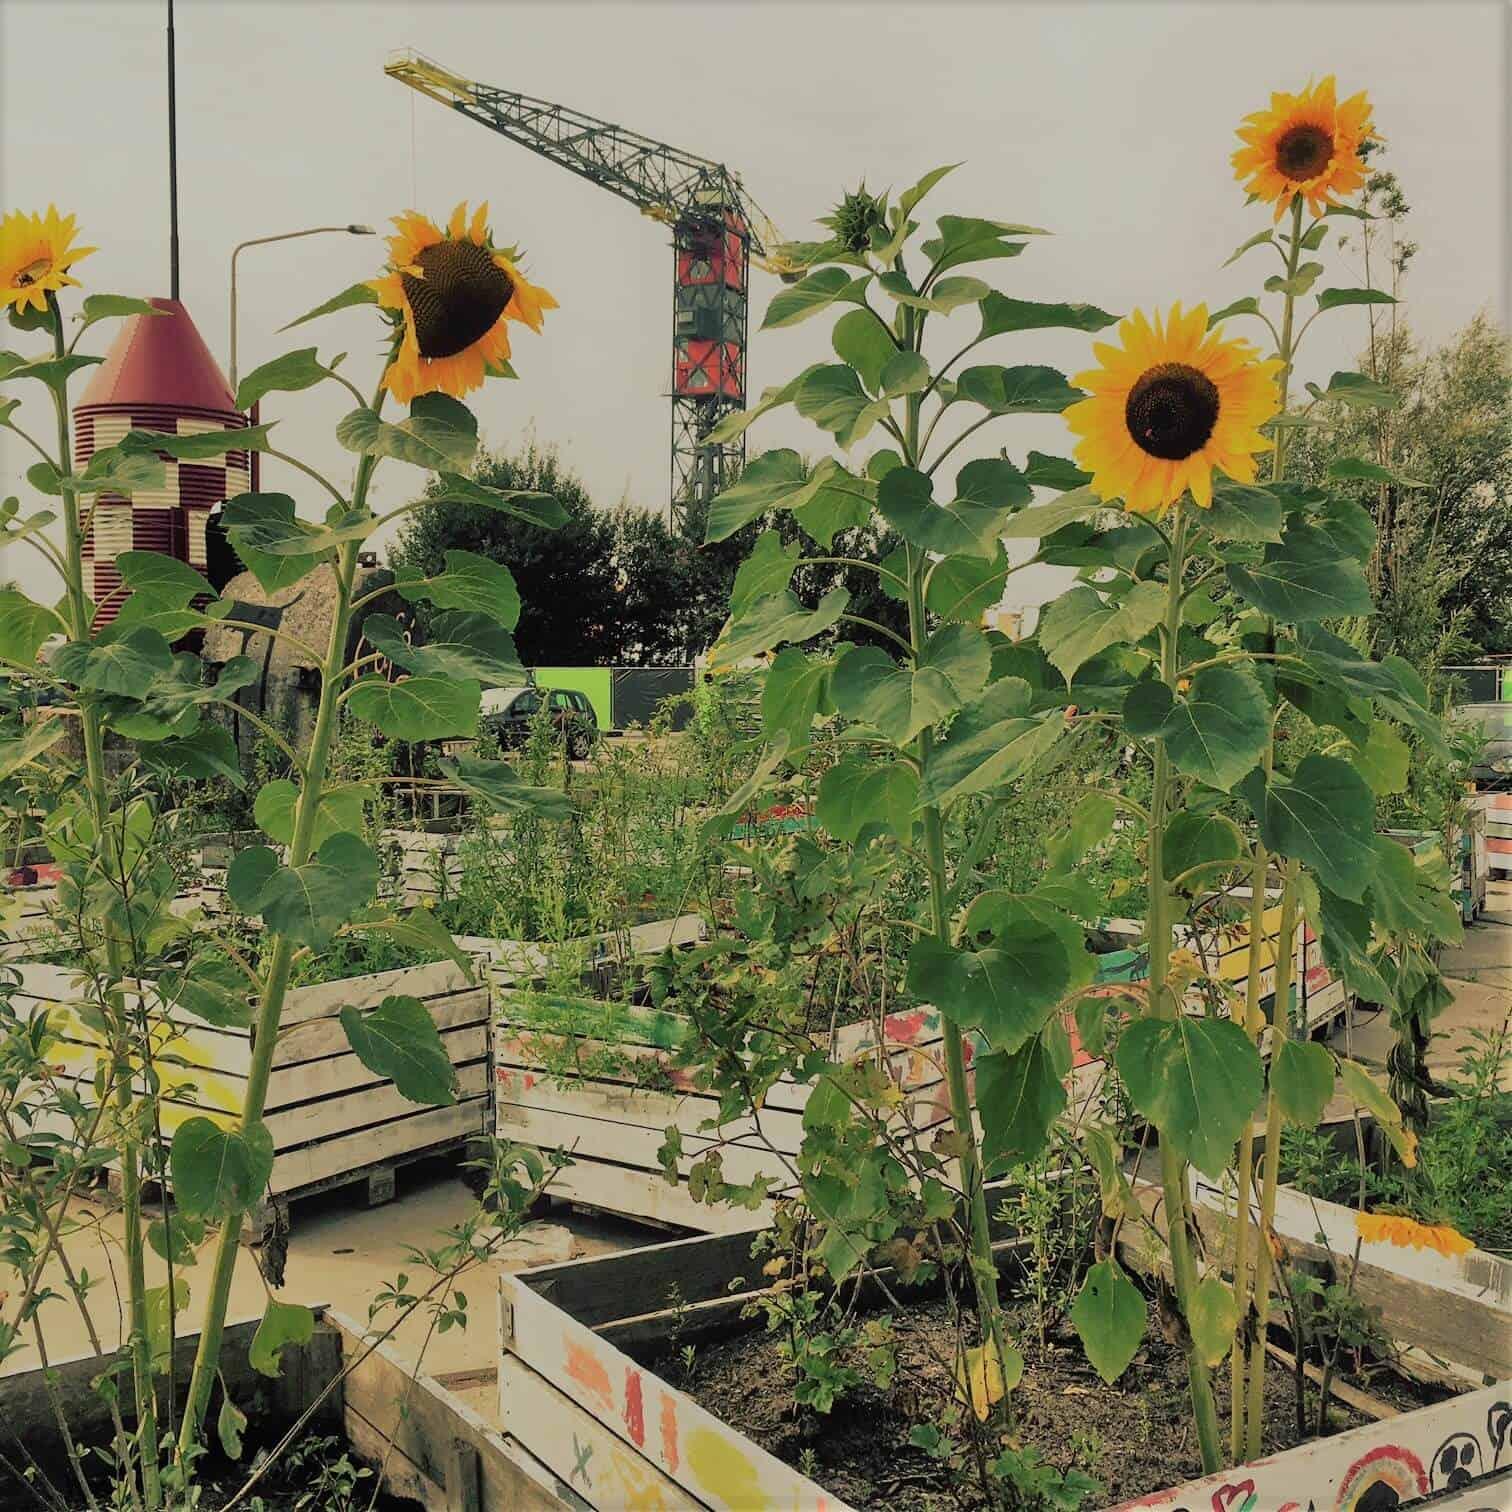 zonnebloemen shinen ndsm gewoonboot